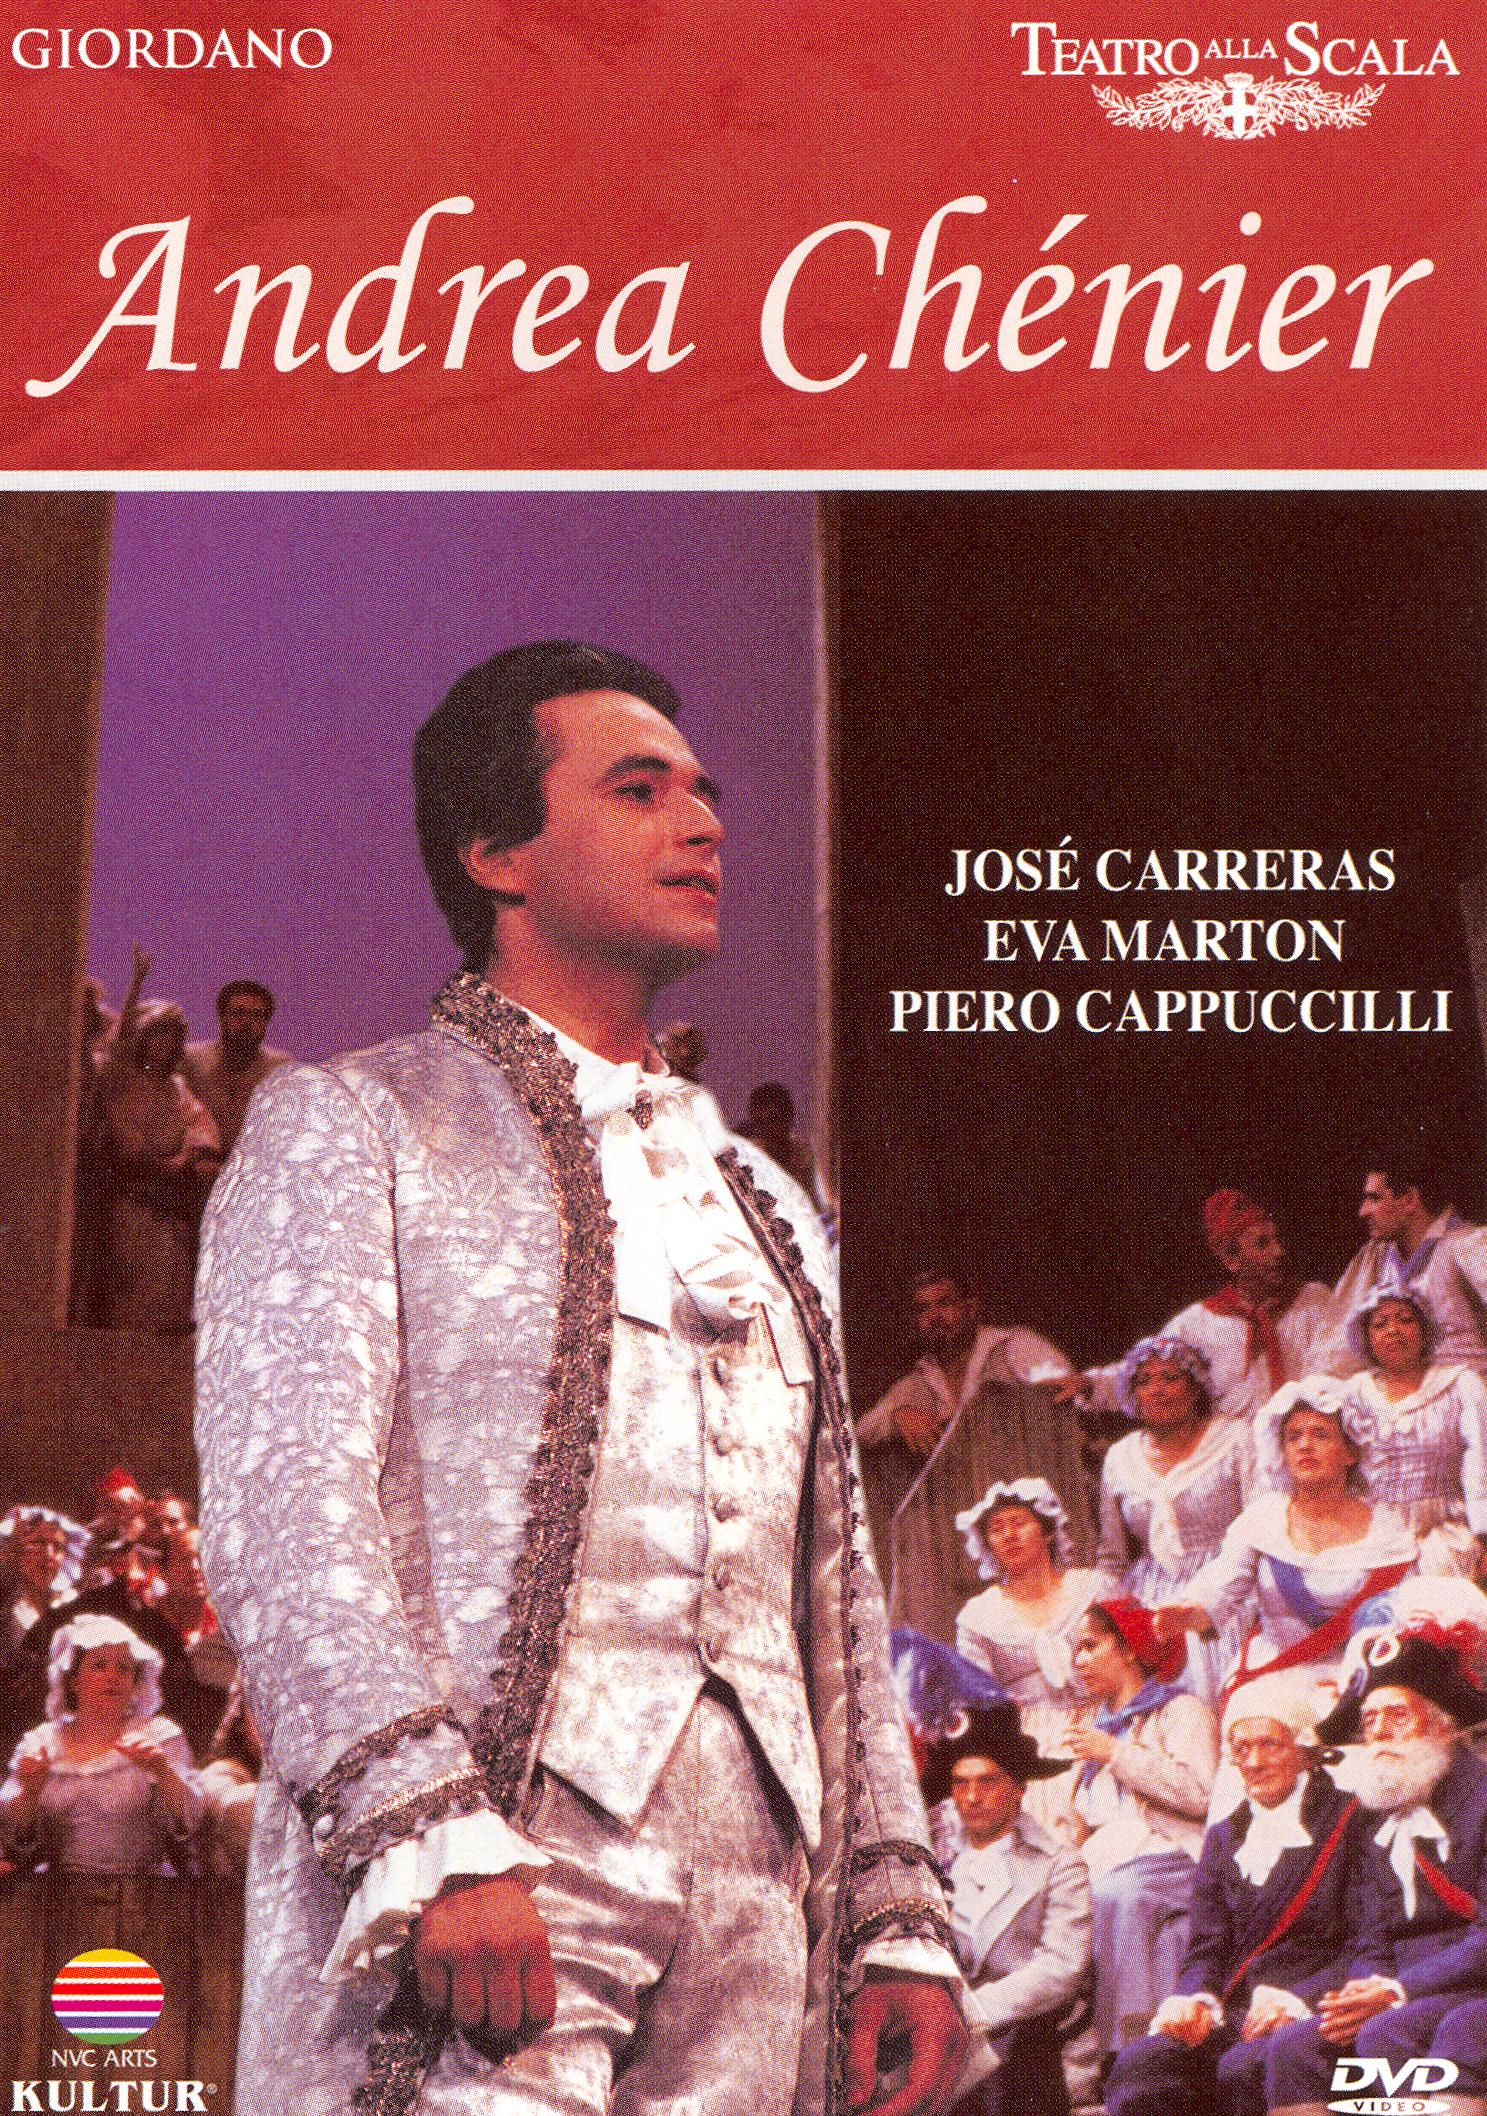 Andrea Chenier (Teatro alla Scala)